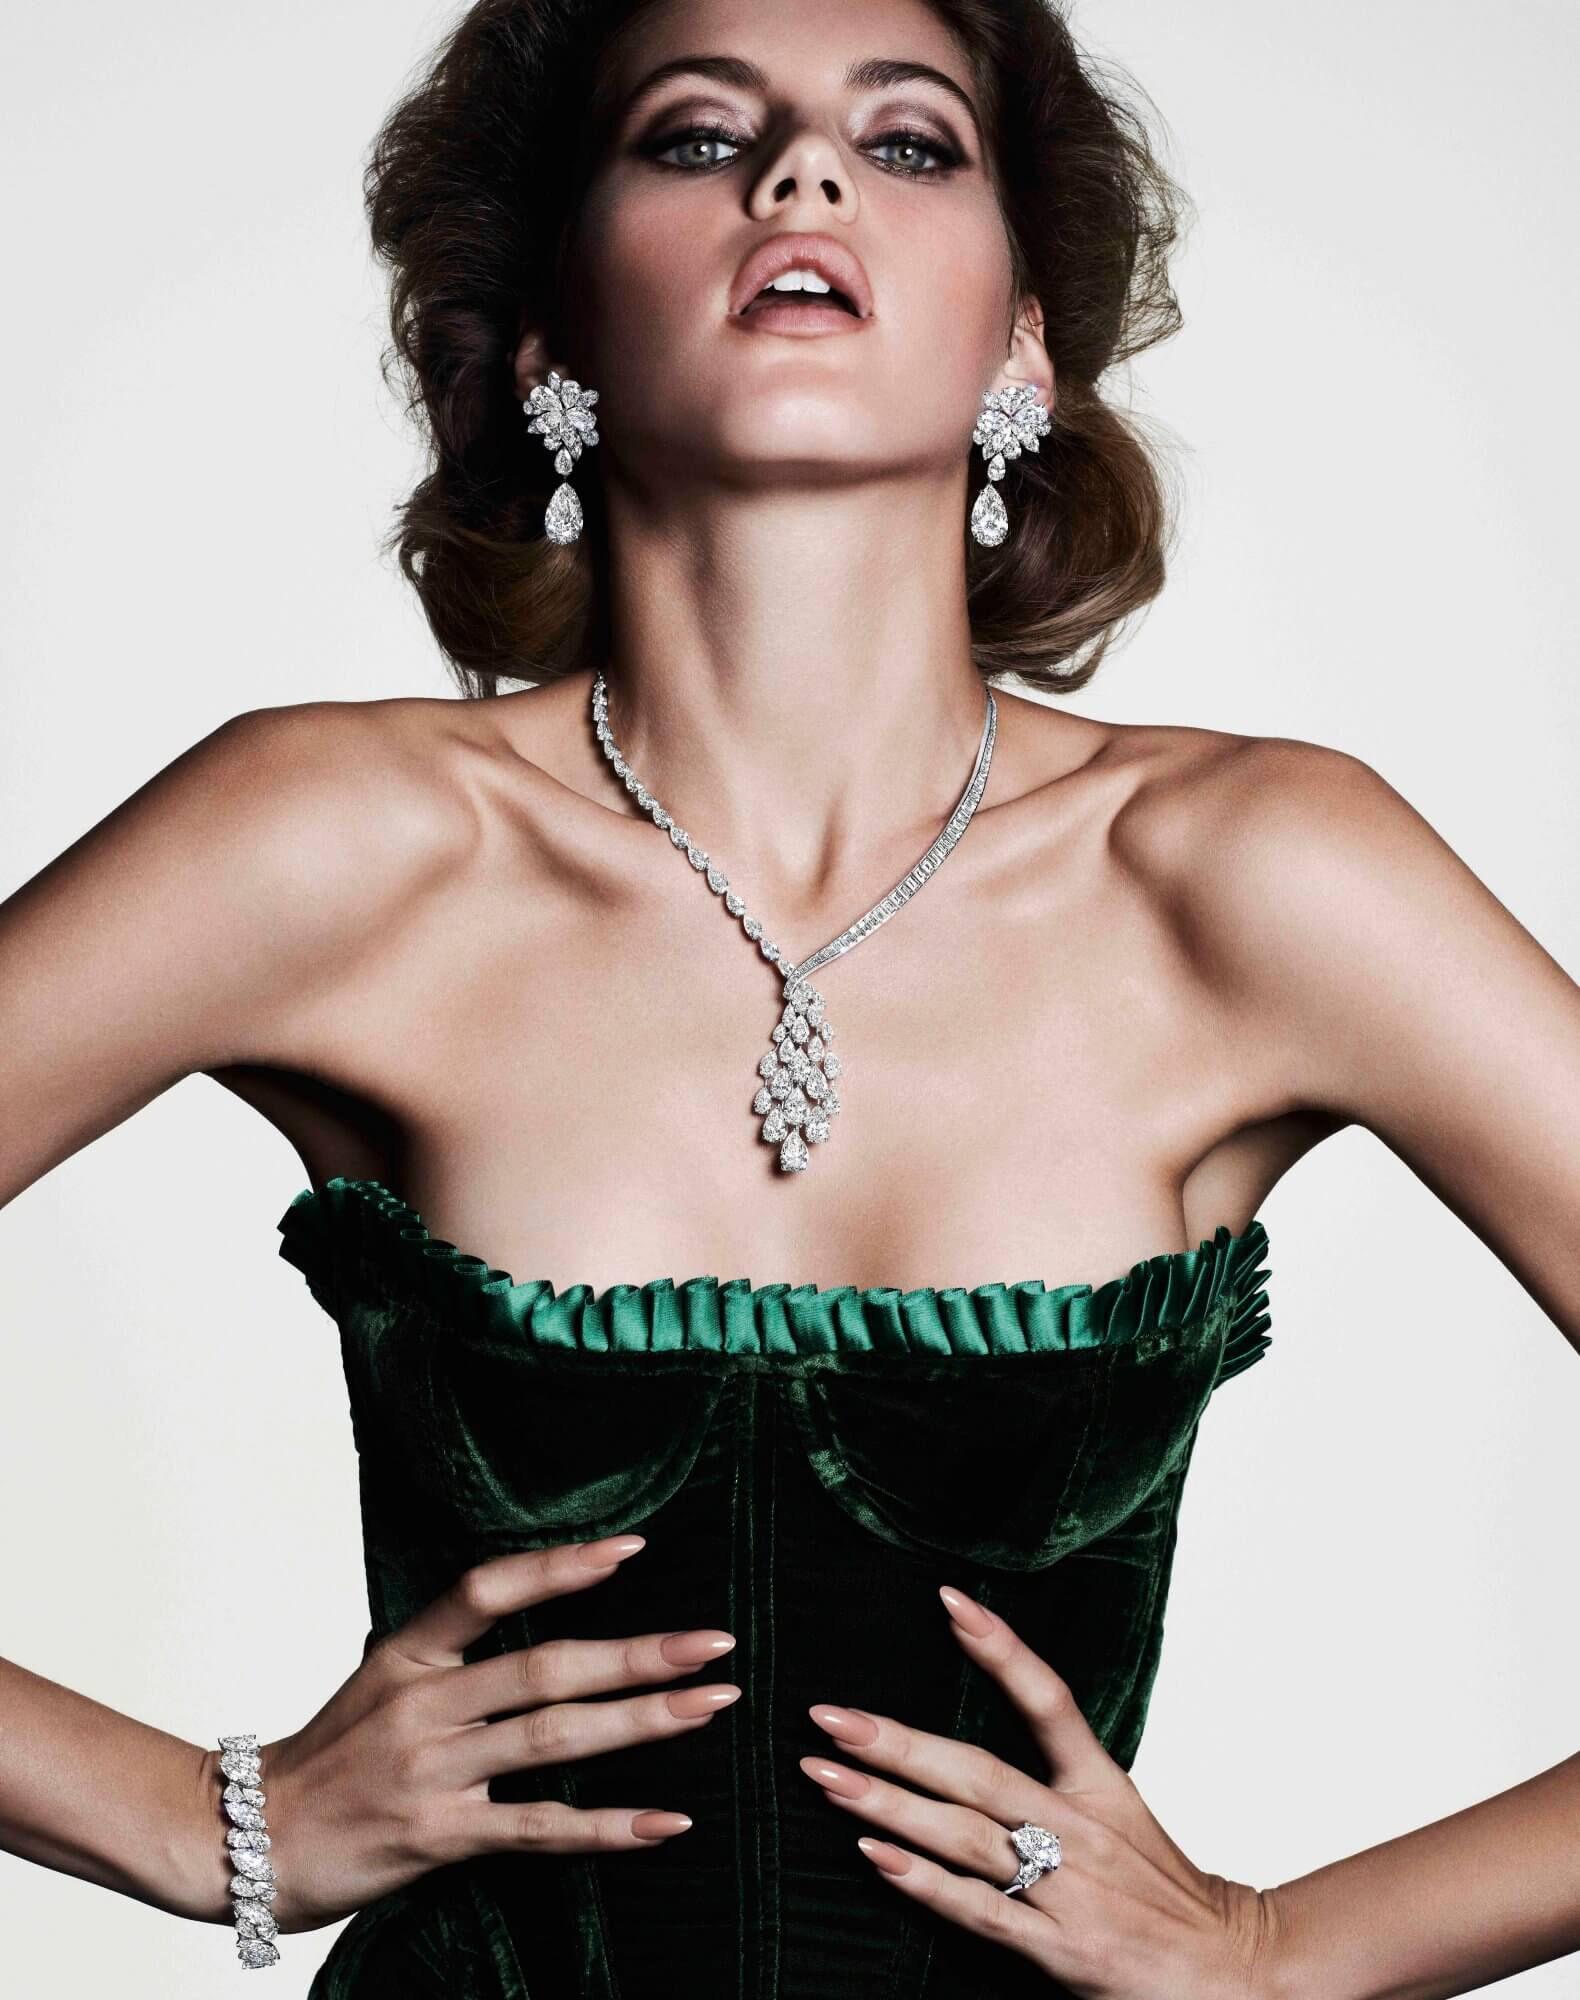 A model wearing Graff High Jewellery Diamond earrings, bracelet and necklace